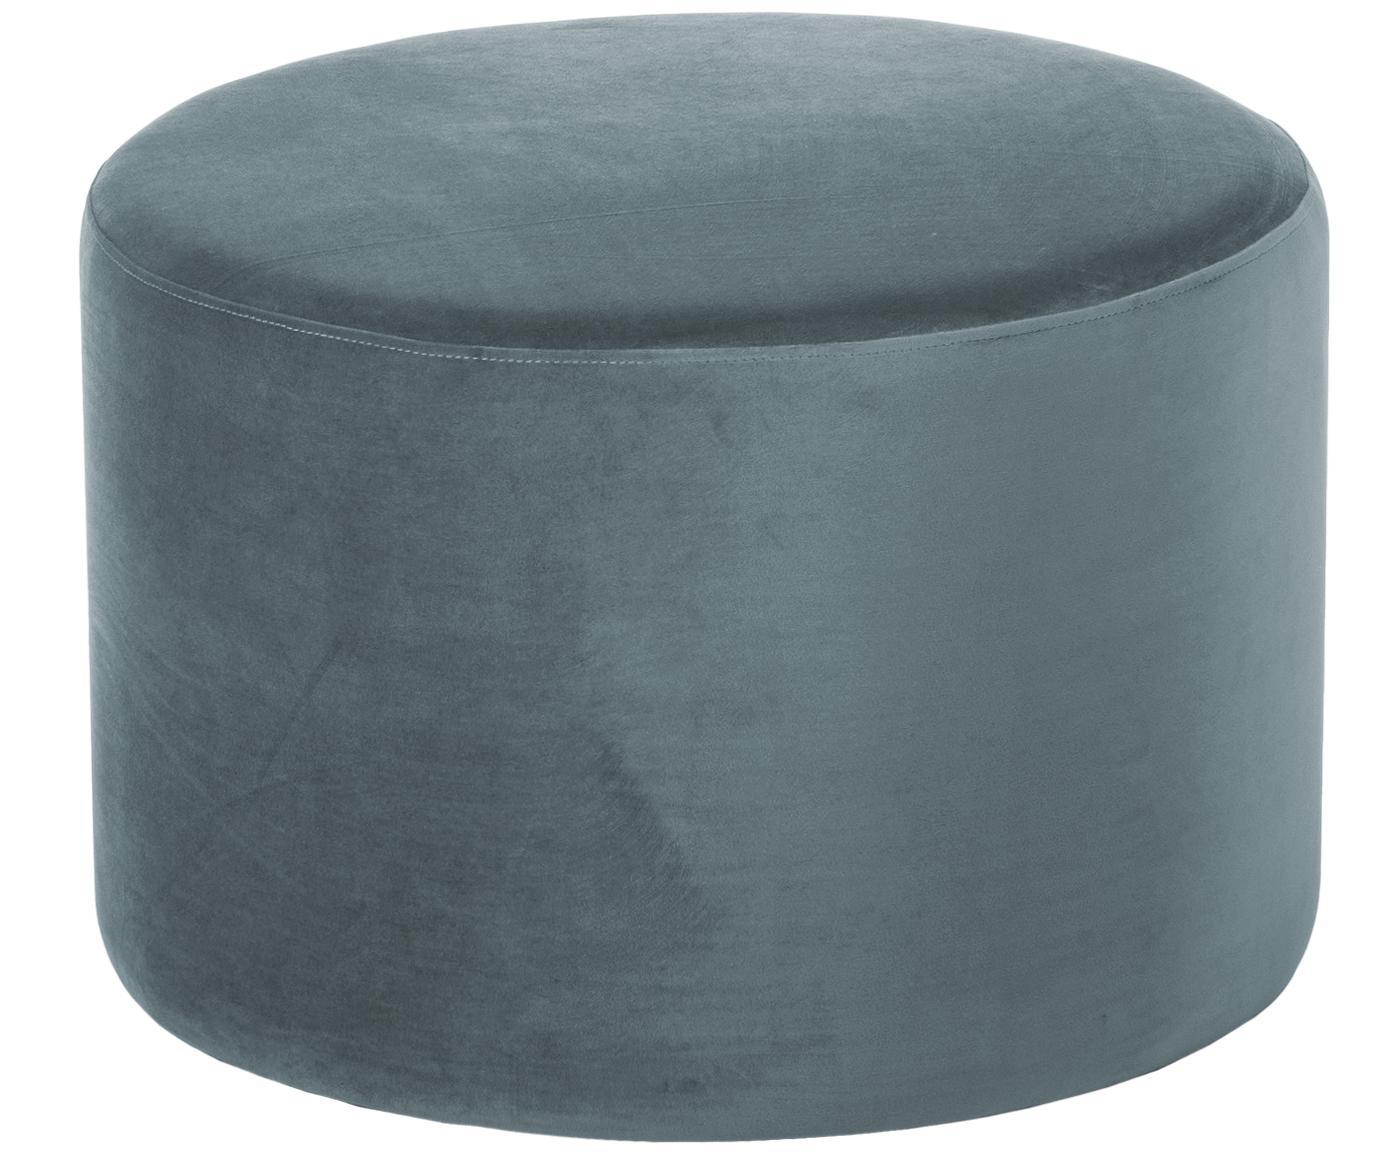 Pouf in velluto Daisy, Rivestimento: velluto (poliestere) 15.0, Struttura: pannello di fibra a media, Grigio blu, Ø 62 x Alt. 41 cm